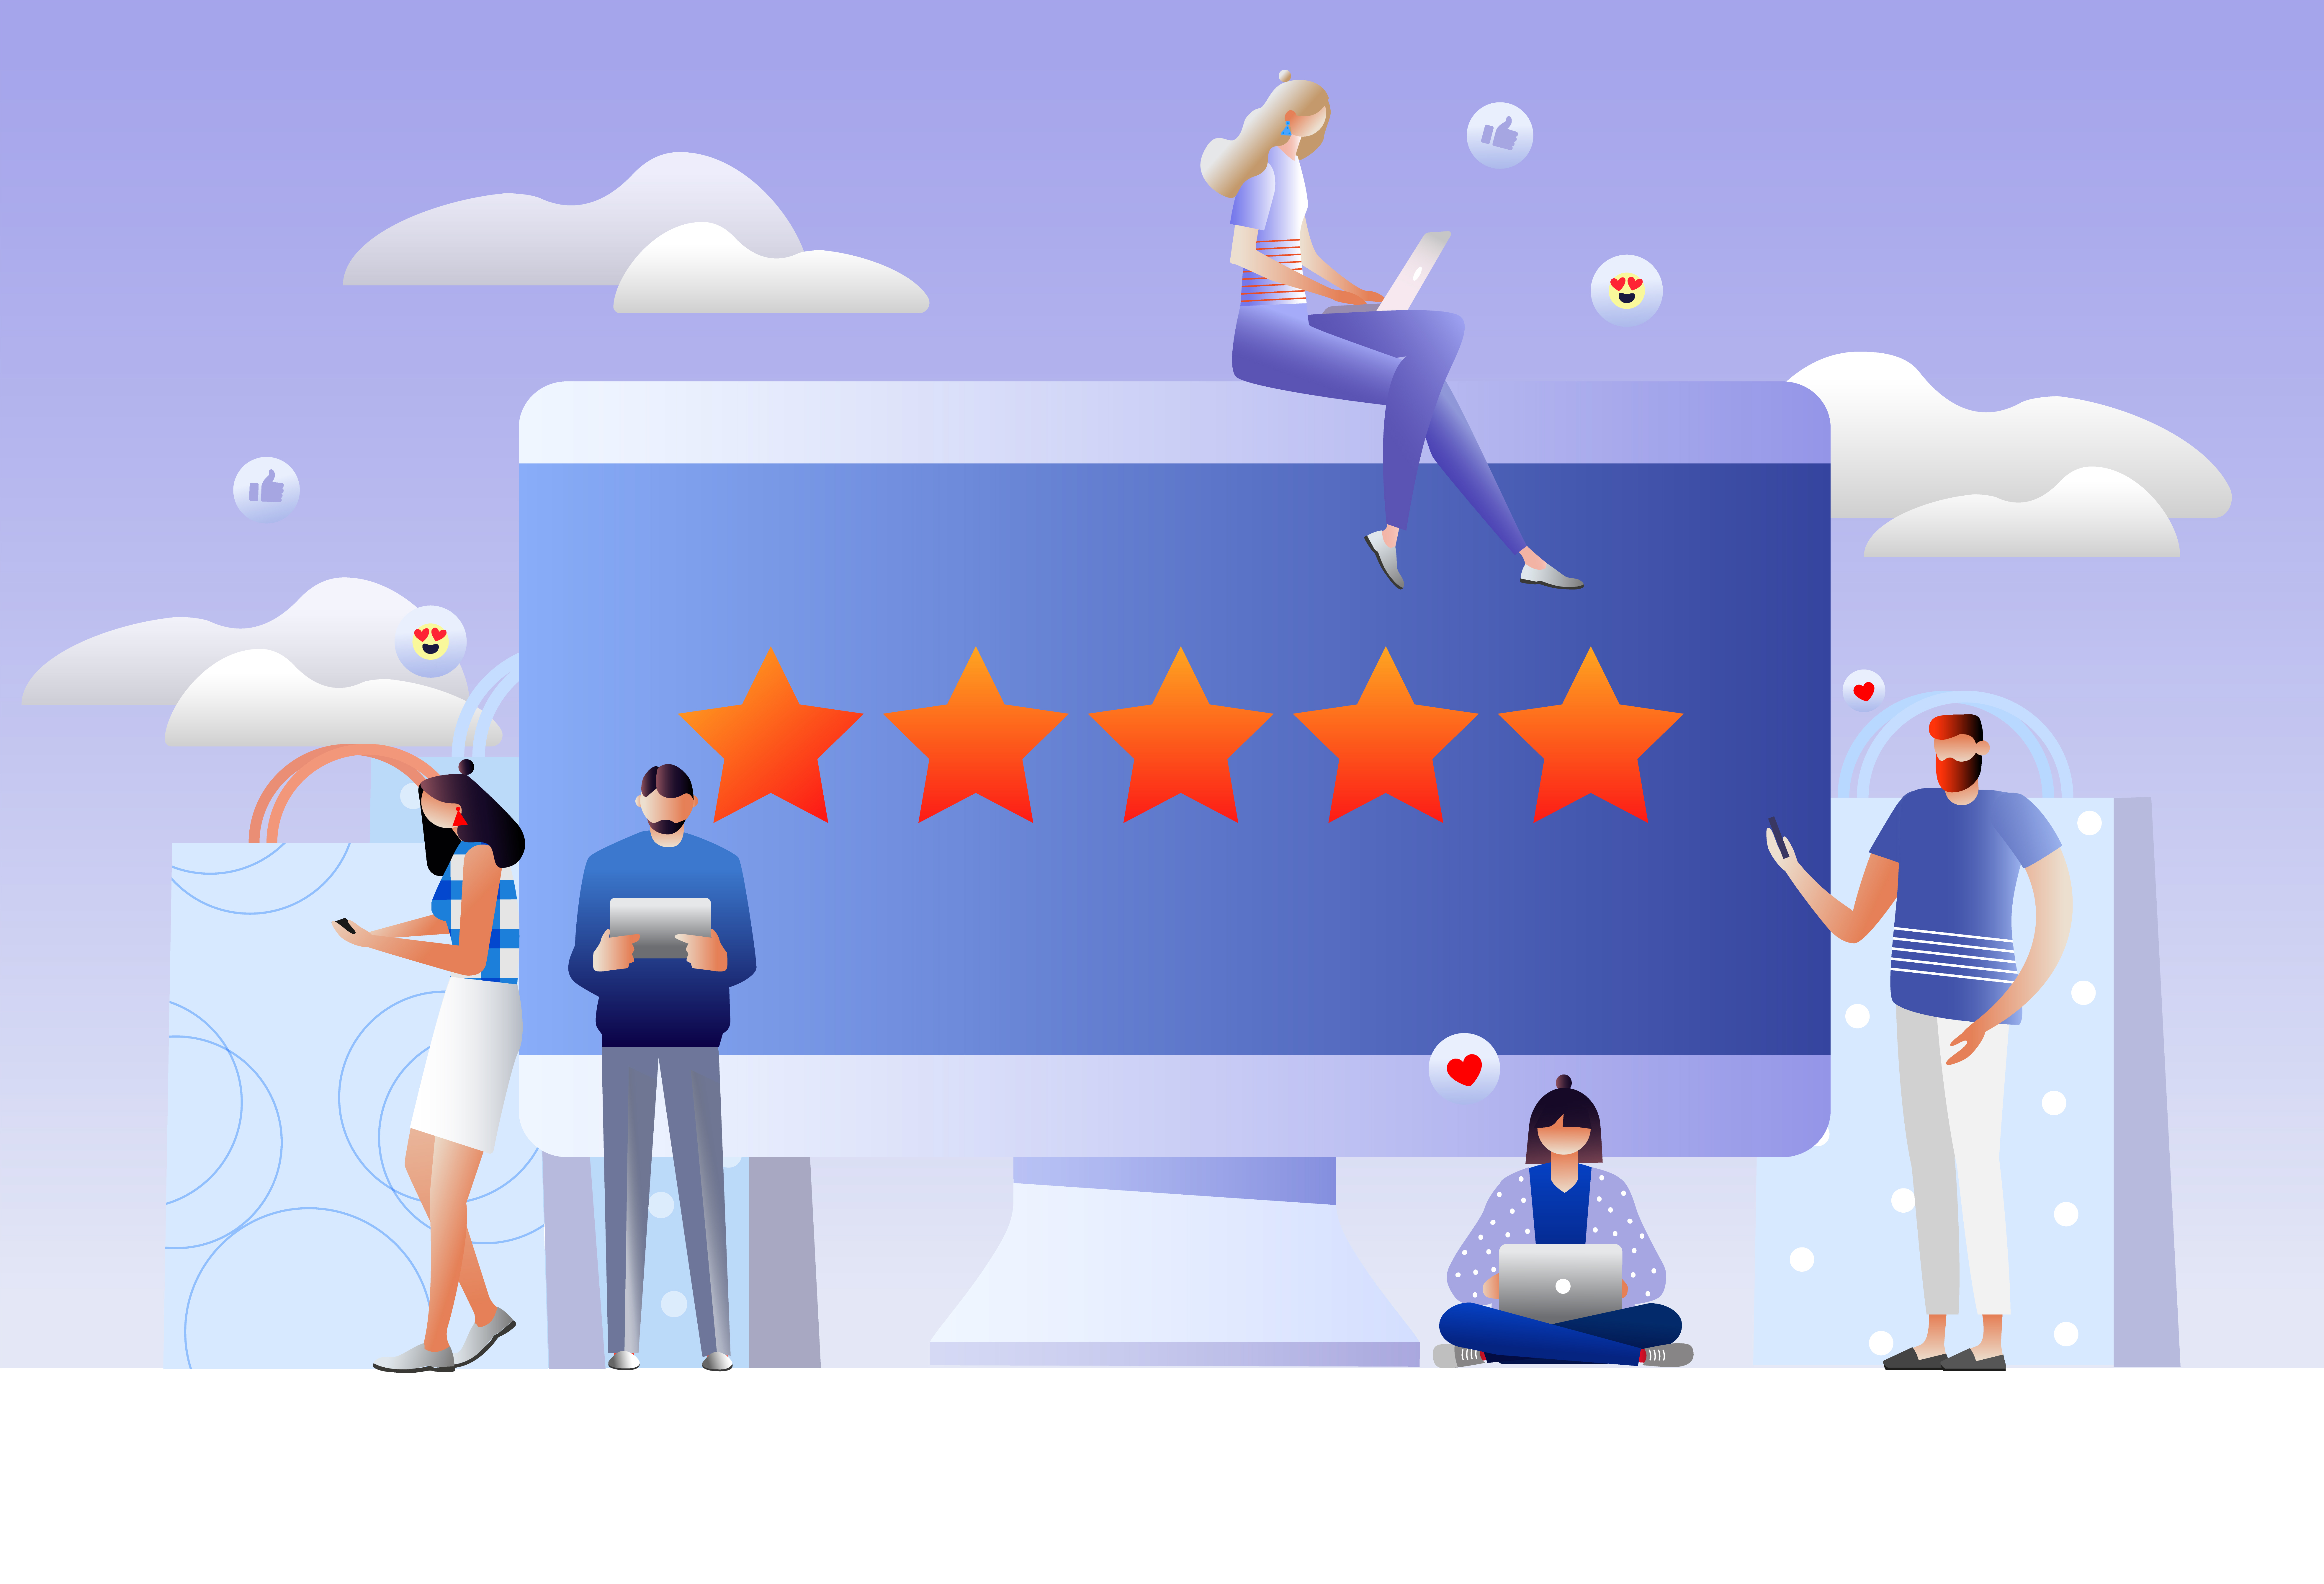 Votre stratégie digitale répond-elle au parcours client ? [+ GUIDE]